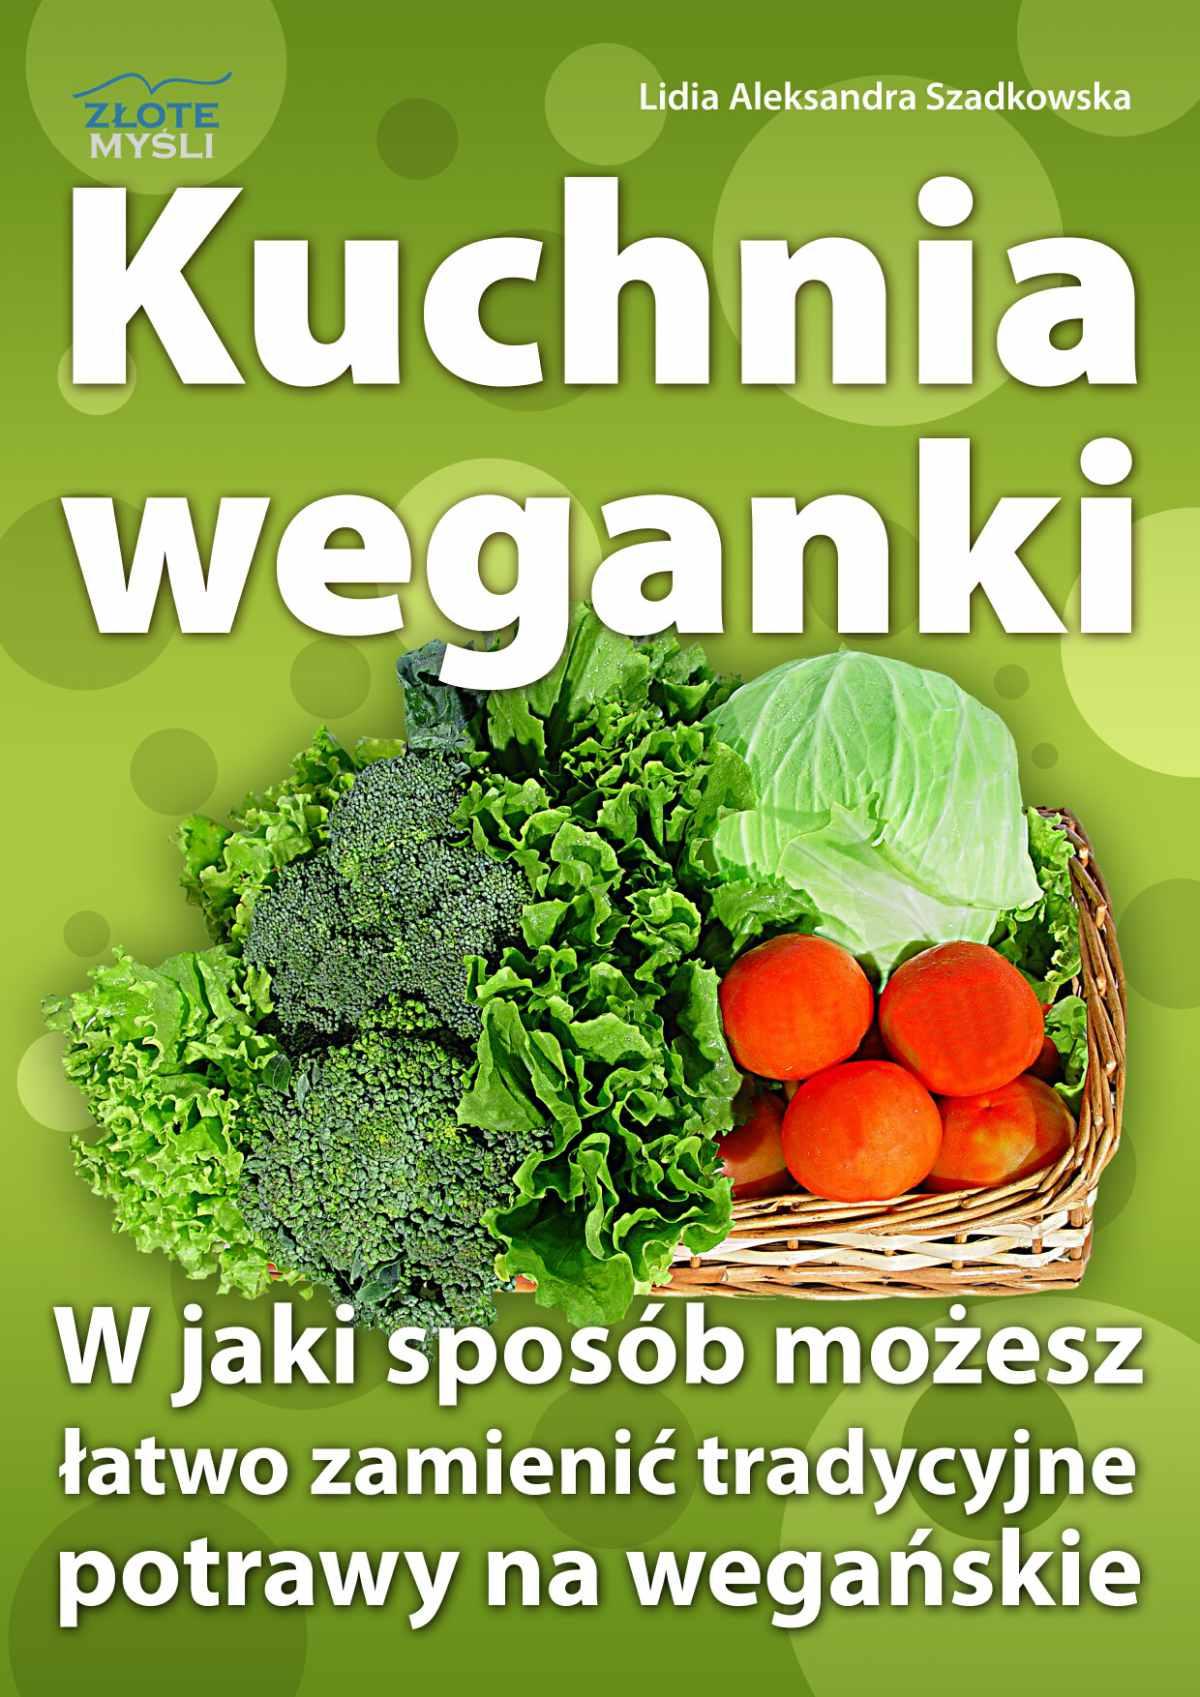 Kuchnia weganki - Ebook (Książka EPUB) do pobrania w formacie EPUB